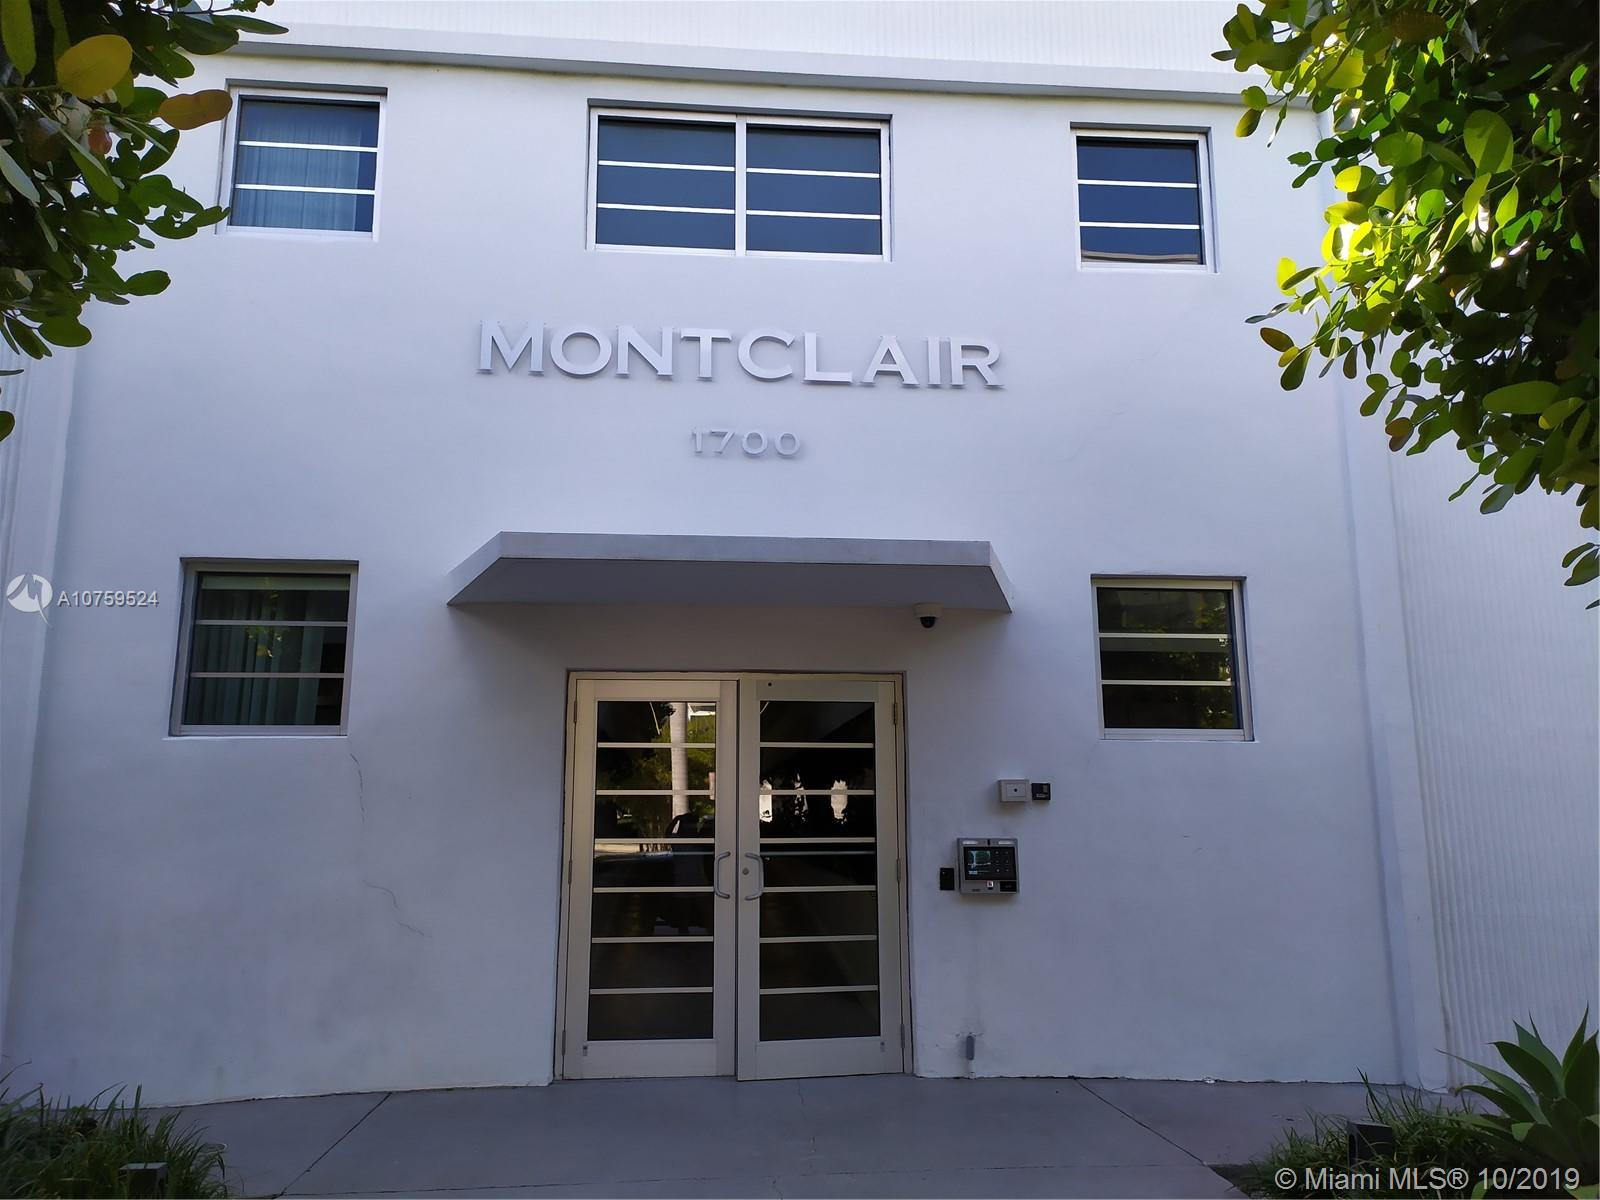 THE MONTCLAIR CONDO UNIT 310 PHOTO